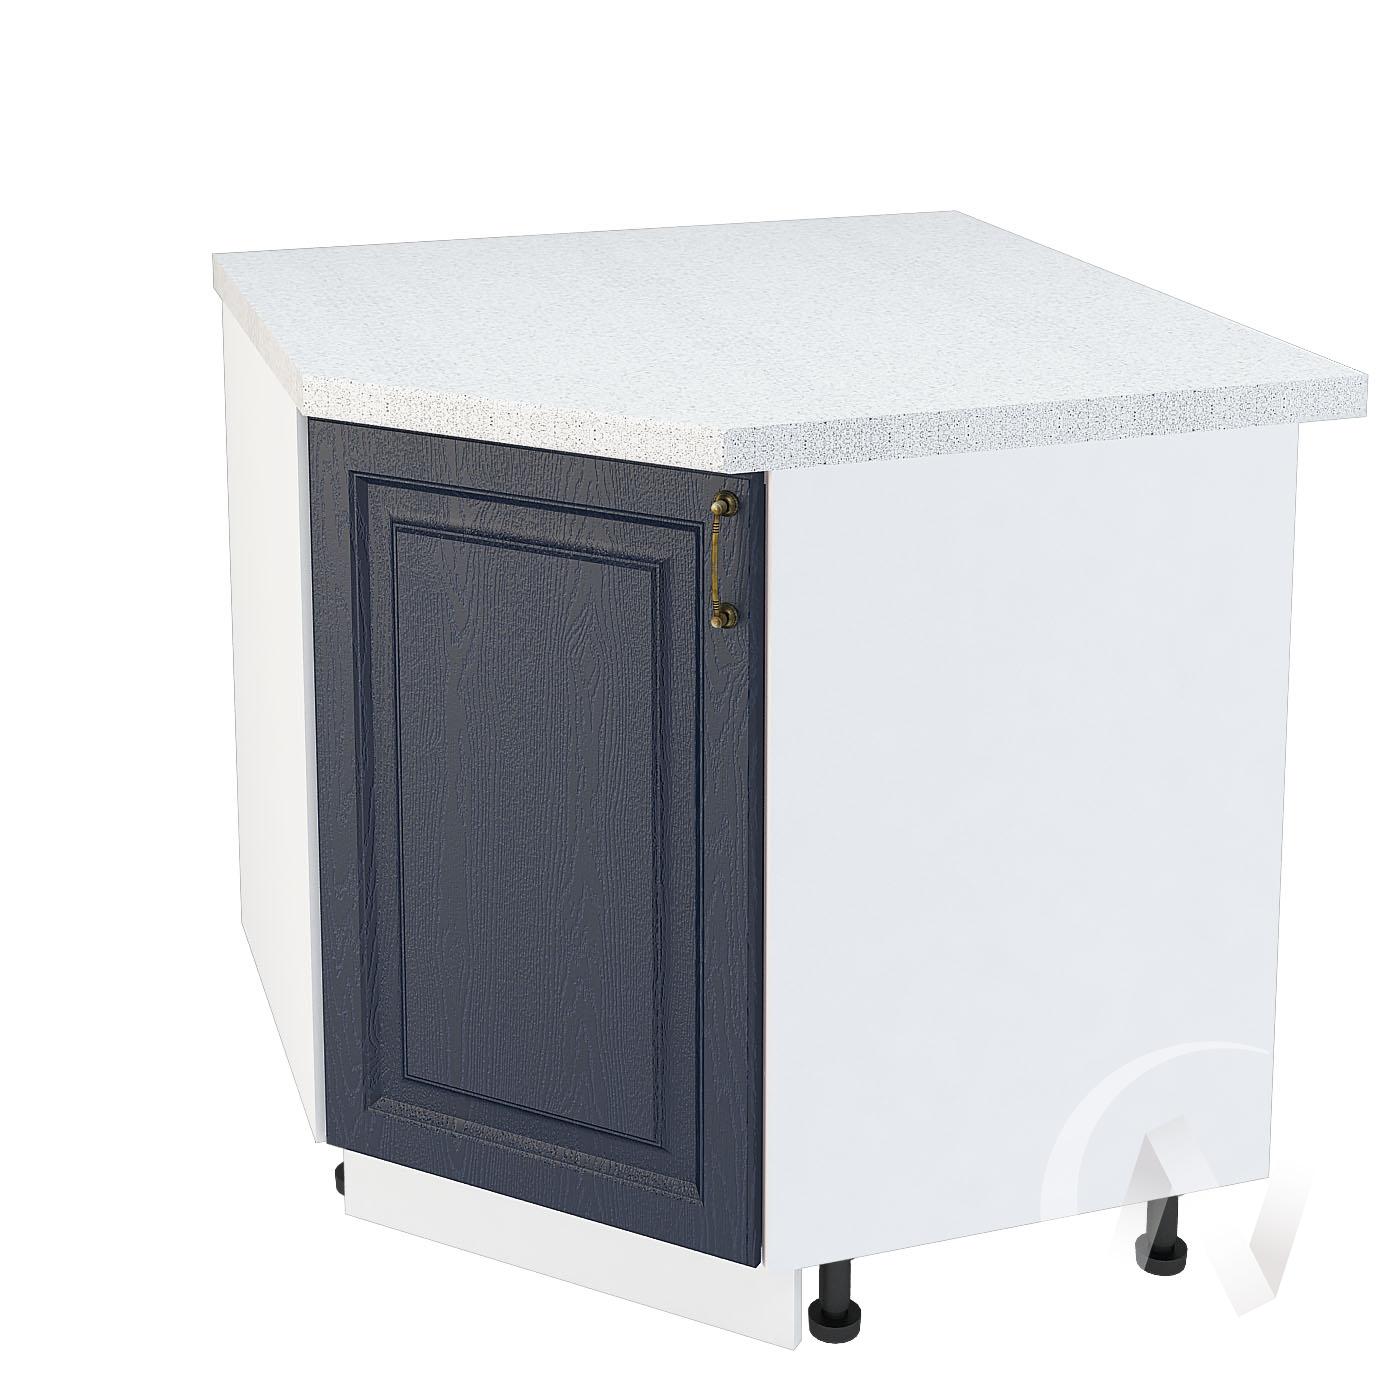 """Кухня """"Ницца"""": Шкаф нижний угловой 890, ШНУ 890 (Дуб чернильный/корпус белый)"""